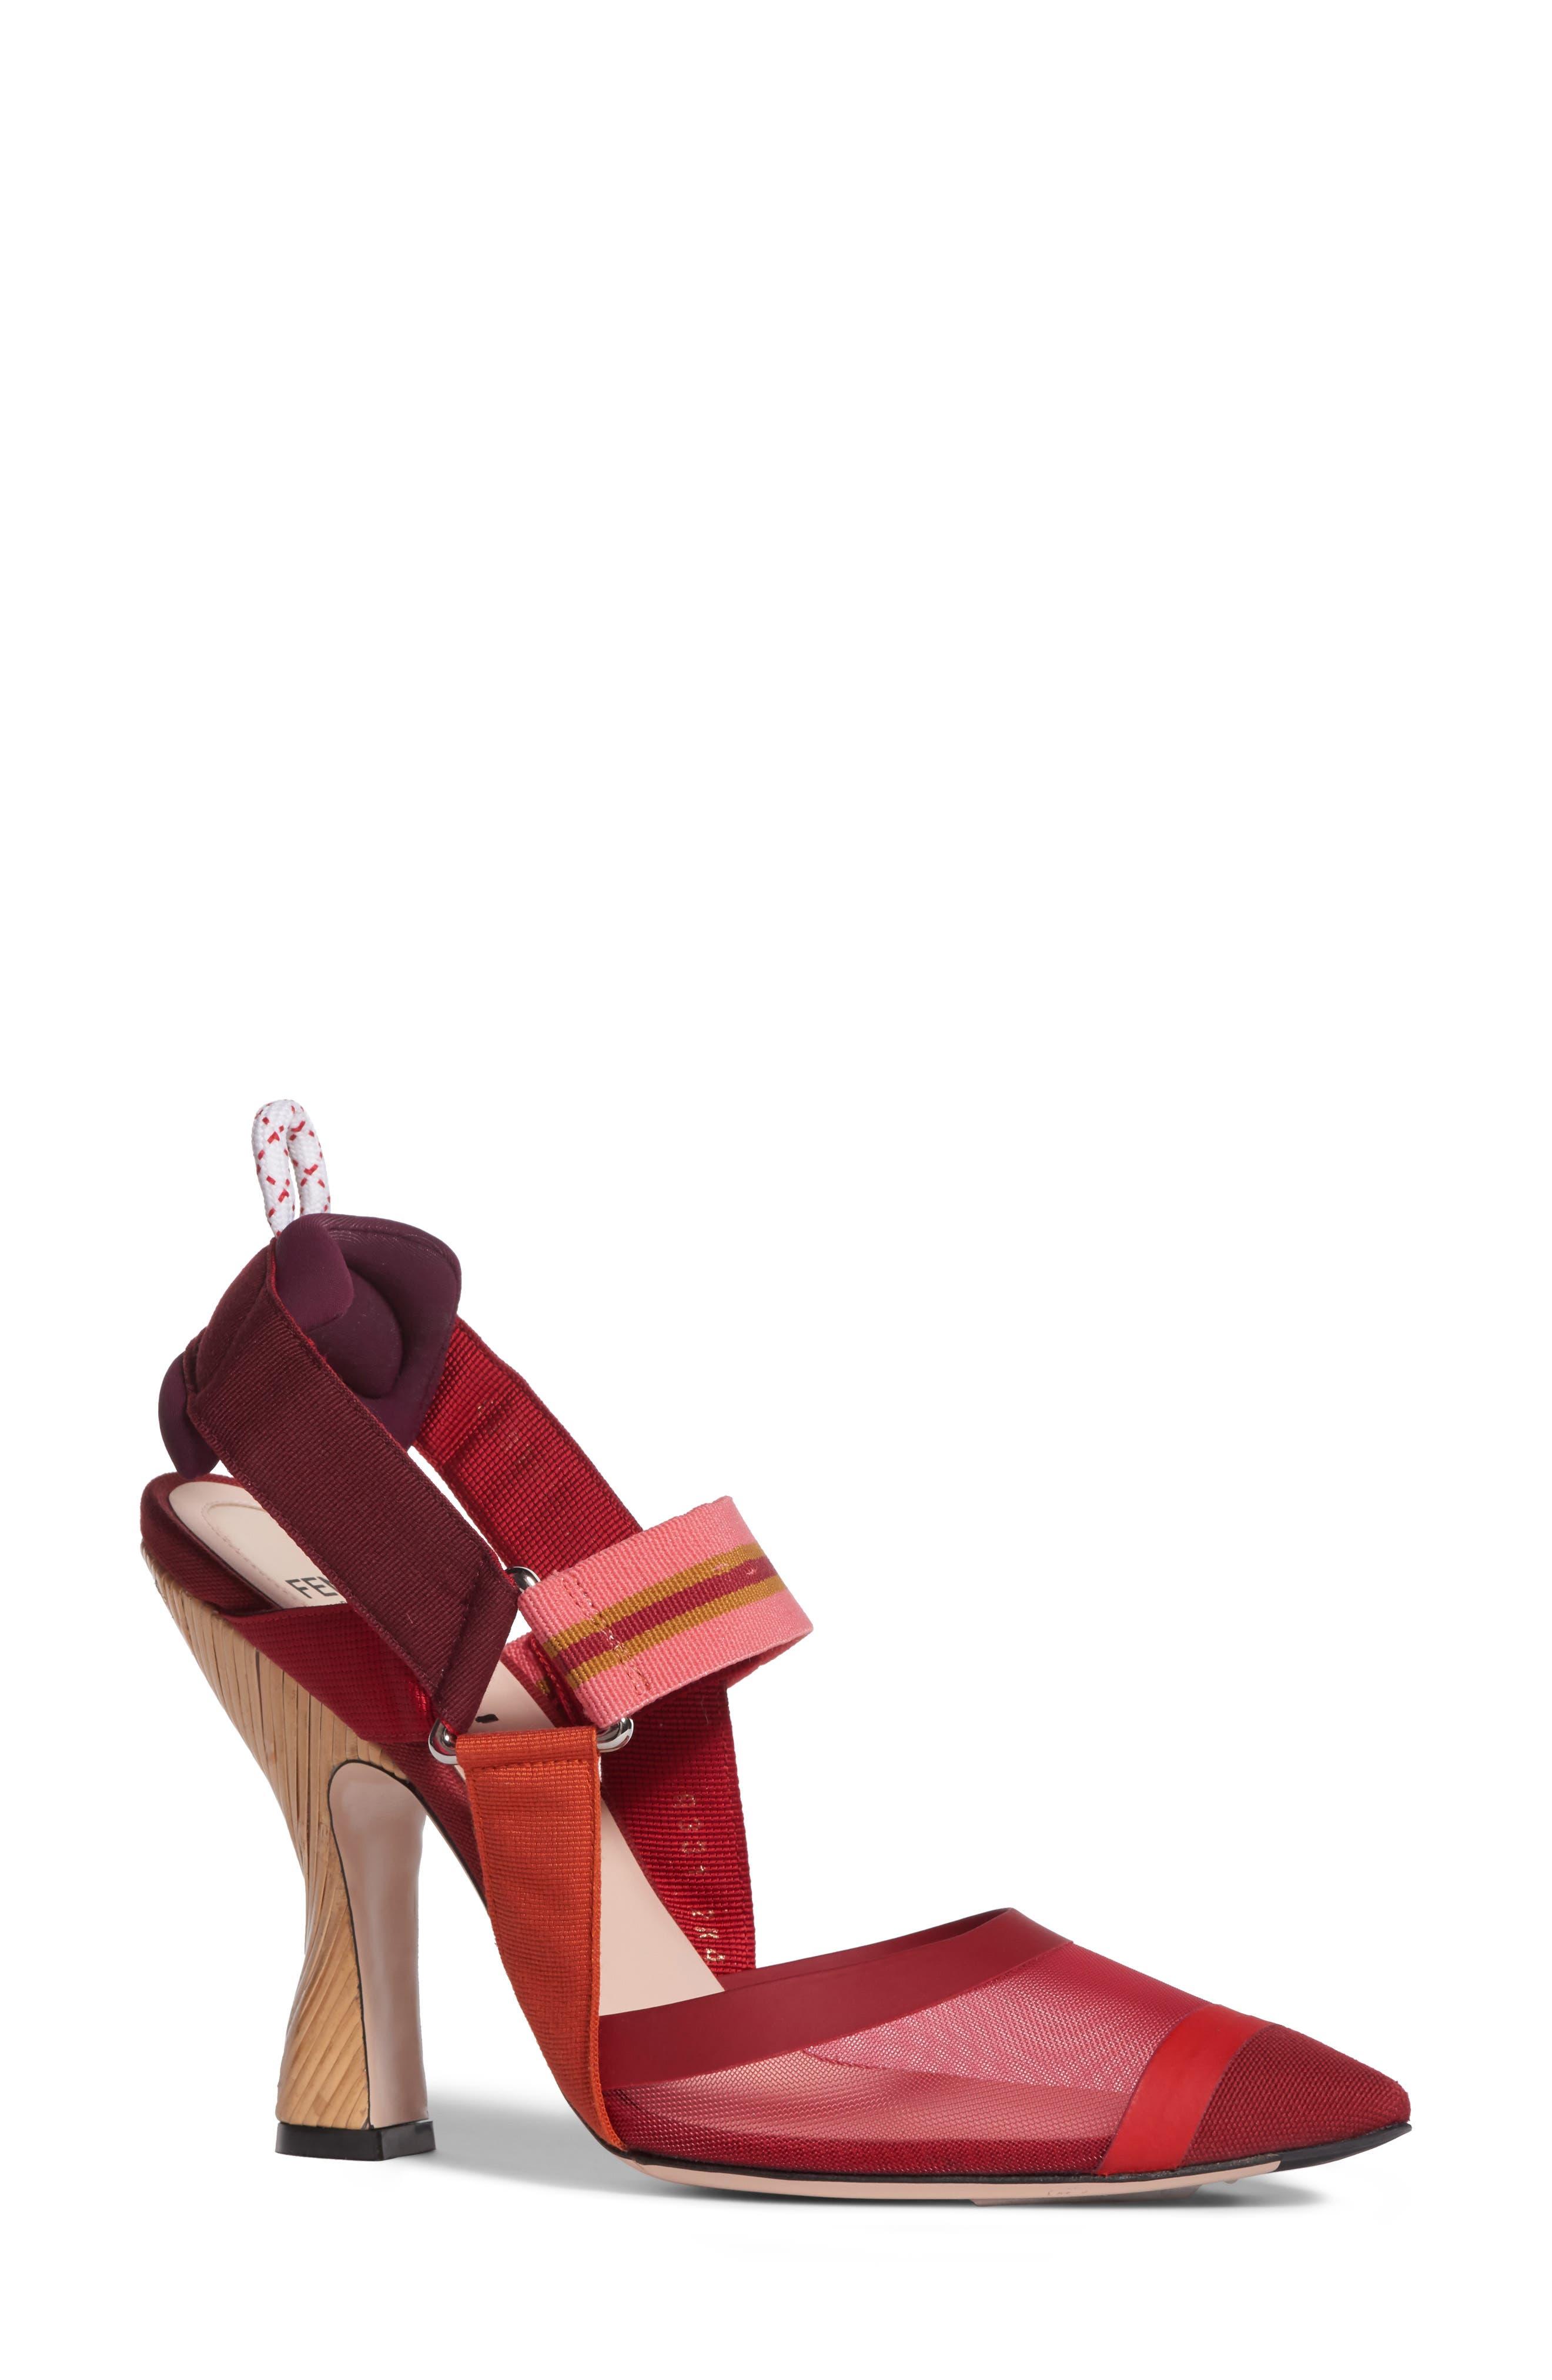 Fendi Women's Pointy Toe Pump